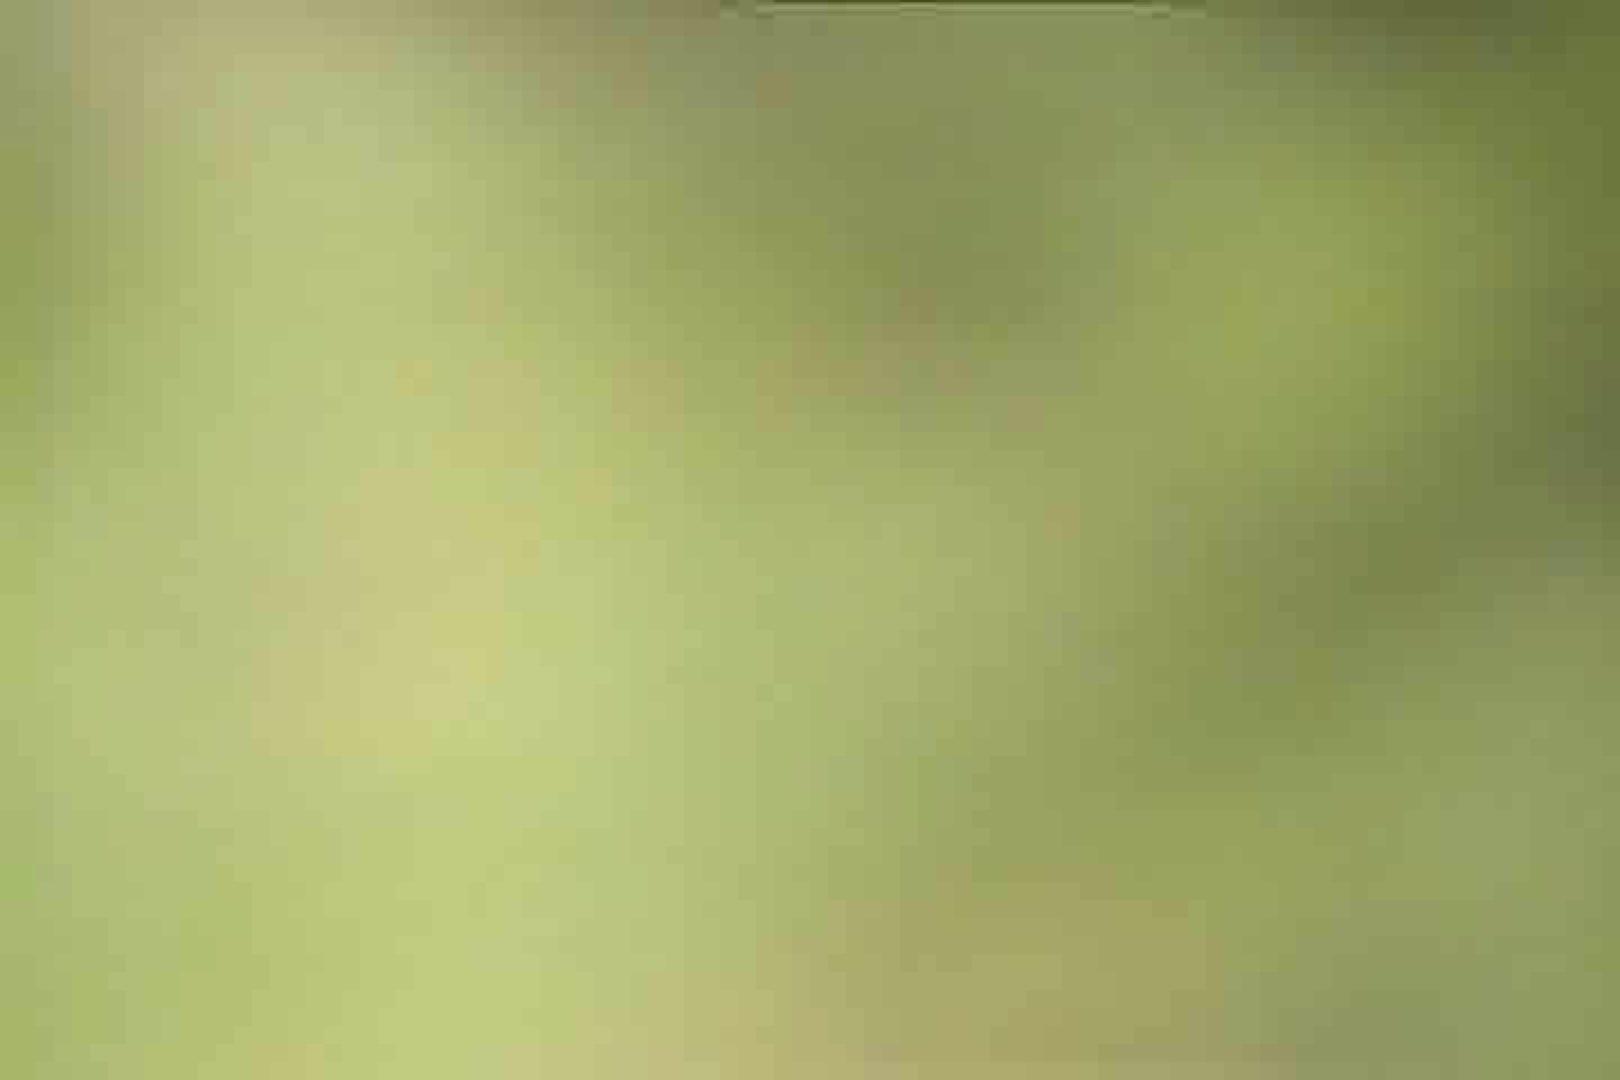 鉄人レース!!トライアスロンに挑む女性達!!Vol.4 貧乳 | 乳首  46PICs 19